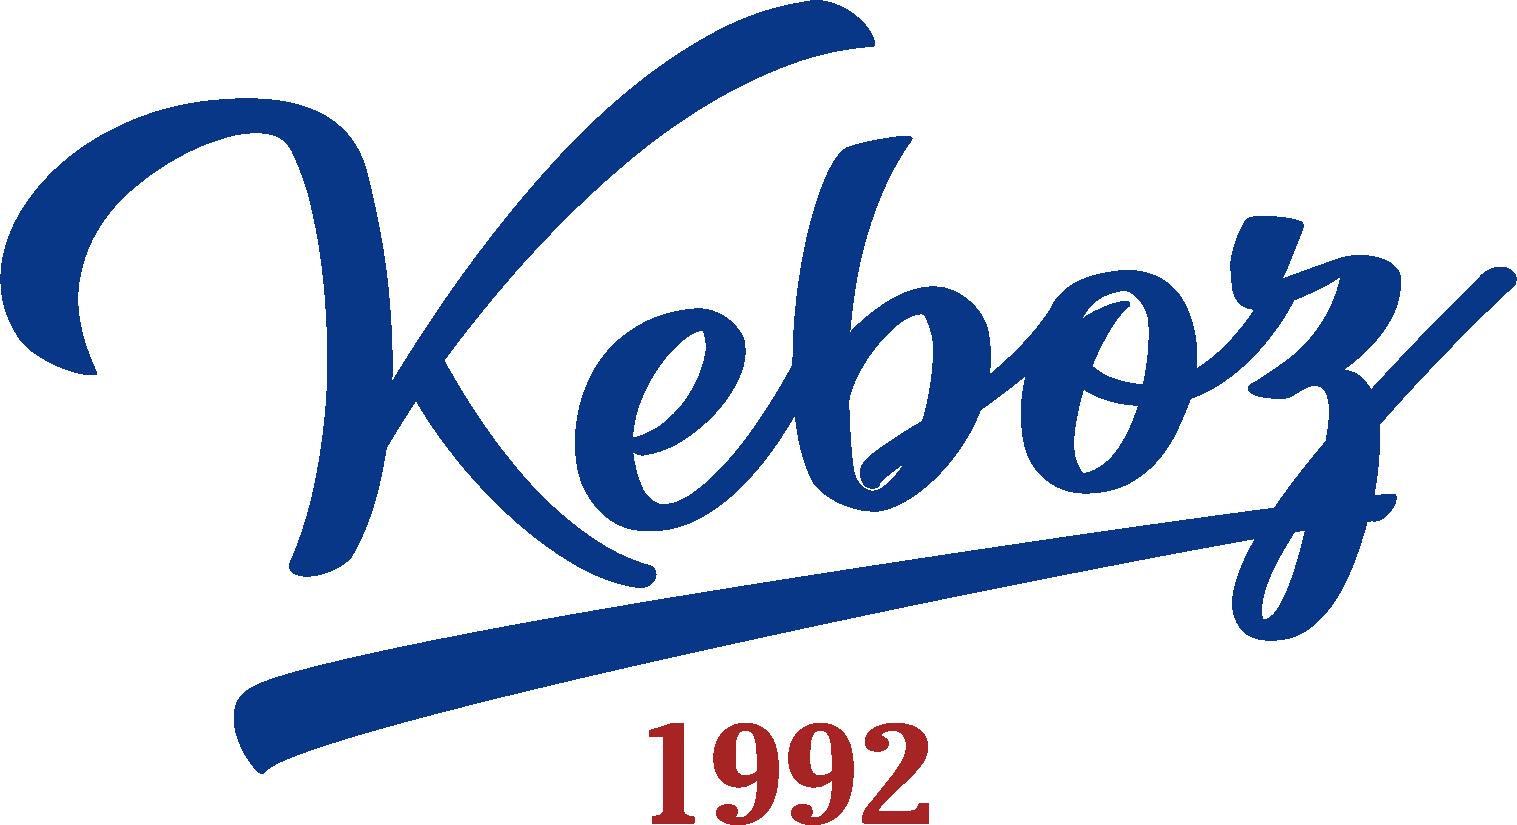 KEBOZ SHOP